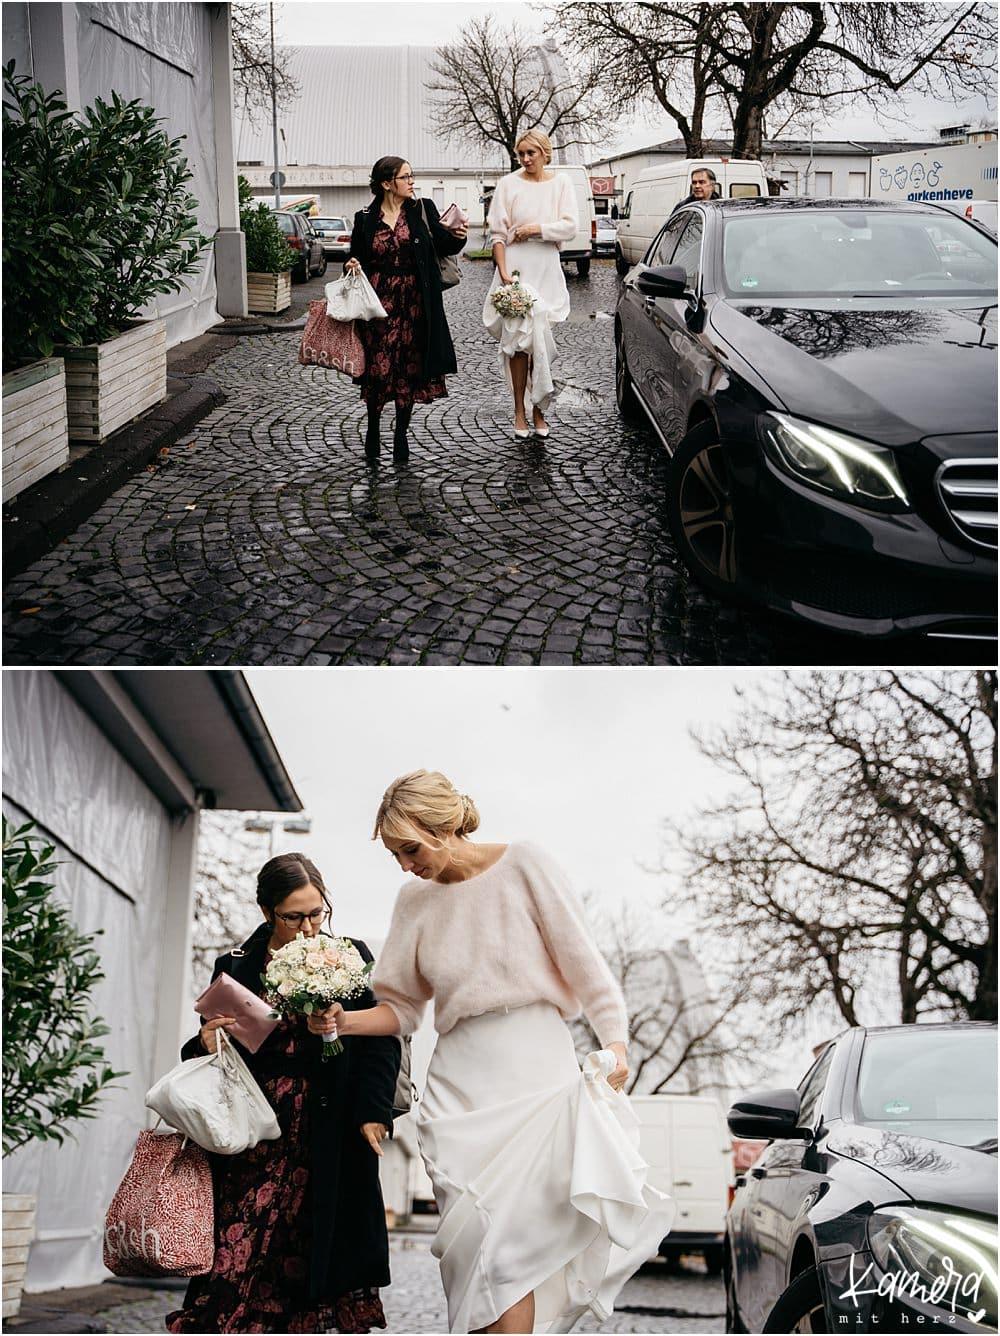 Ankunft der Braut alte Versteigerungshalle